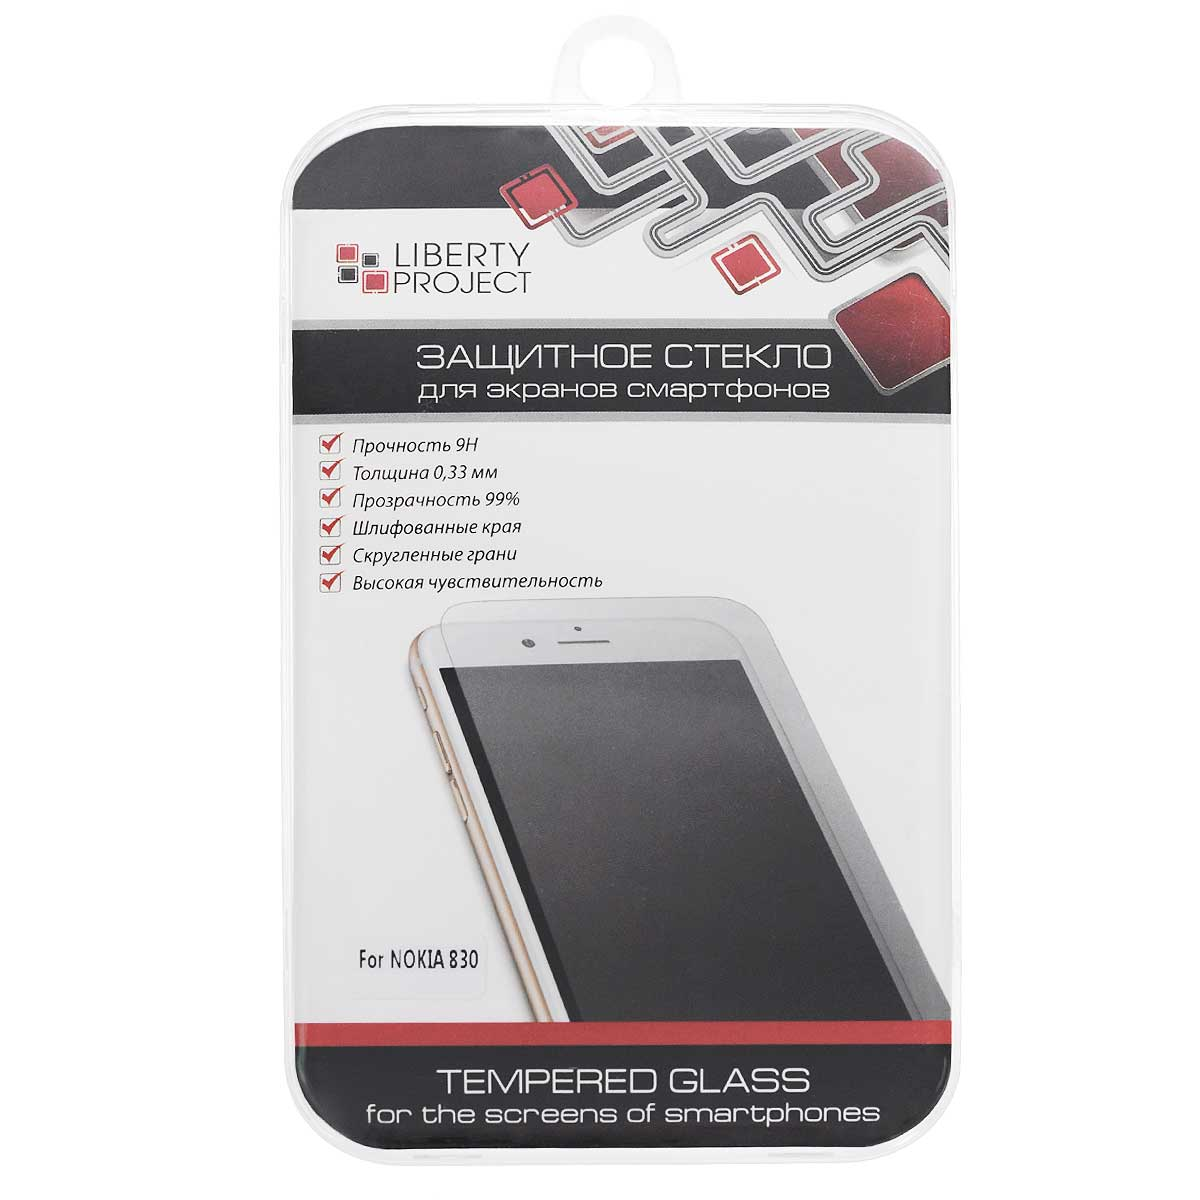 Liberty Project Tempered Glass защитное стекло для Nokia 830, Clear (0,33 мм)0L-00000524Защитное стекло Liberty Project Tempered Glass предназначено для защиты поверхности экрана, от царапин, потертостей, отпечатков пальцев и прочих следов механического воздействия. Гарантирует высокую чувствительность при работе с устройством. Данная модель также обладает антибликовым и водоотталкивающим эффектом.